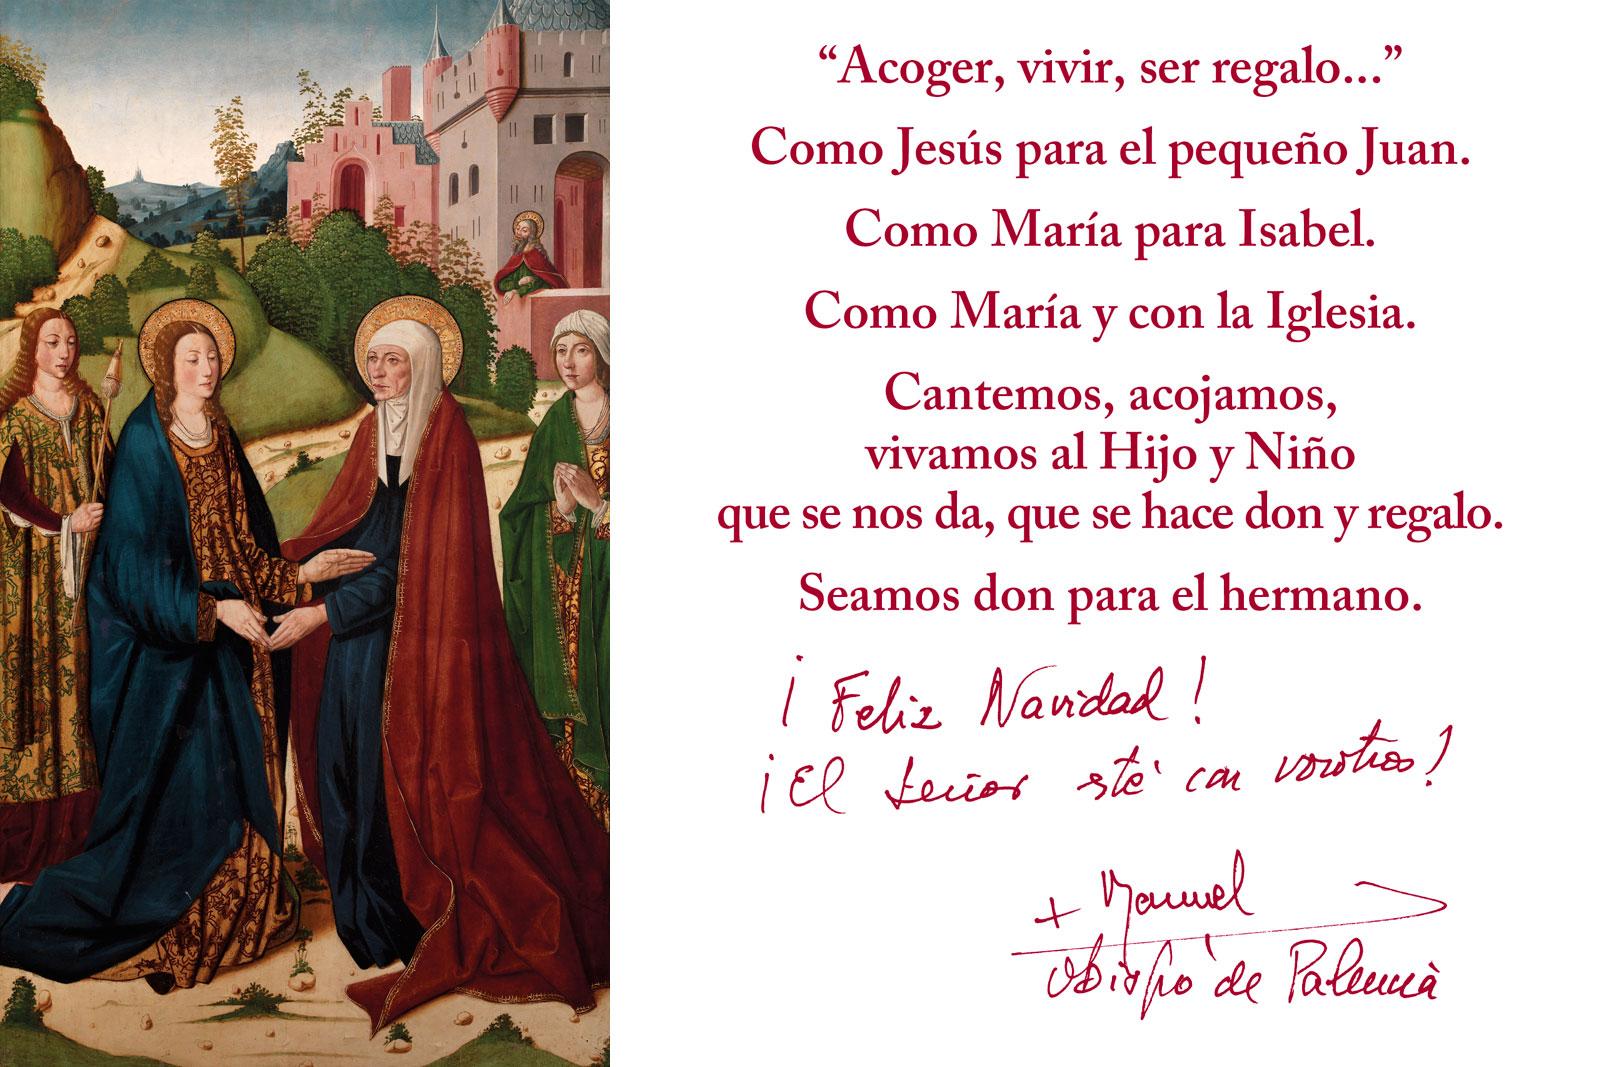 8412c82502c Diócesis de Palencia - Navidad 2018 - Acoger